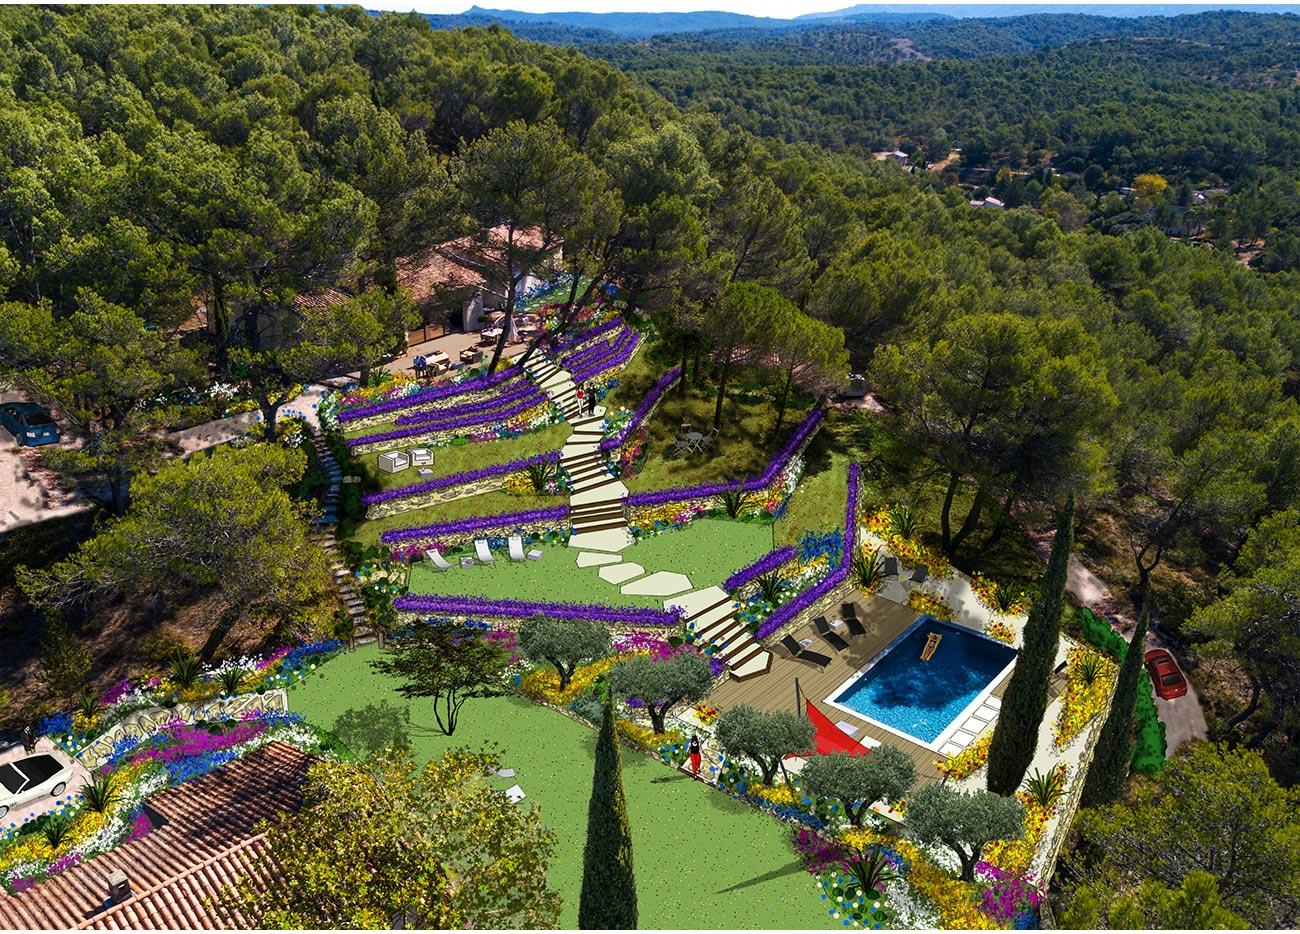 Atelier Naudier - Architecte paysagiste concepteur - Montpellier et Aix en Provence - Jardin en restanque - PROJET CROQUIS - aménagement jardin